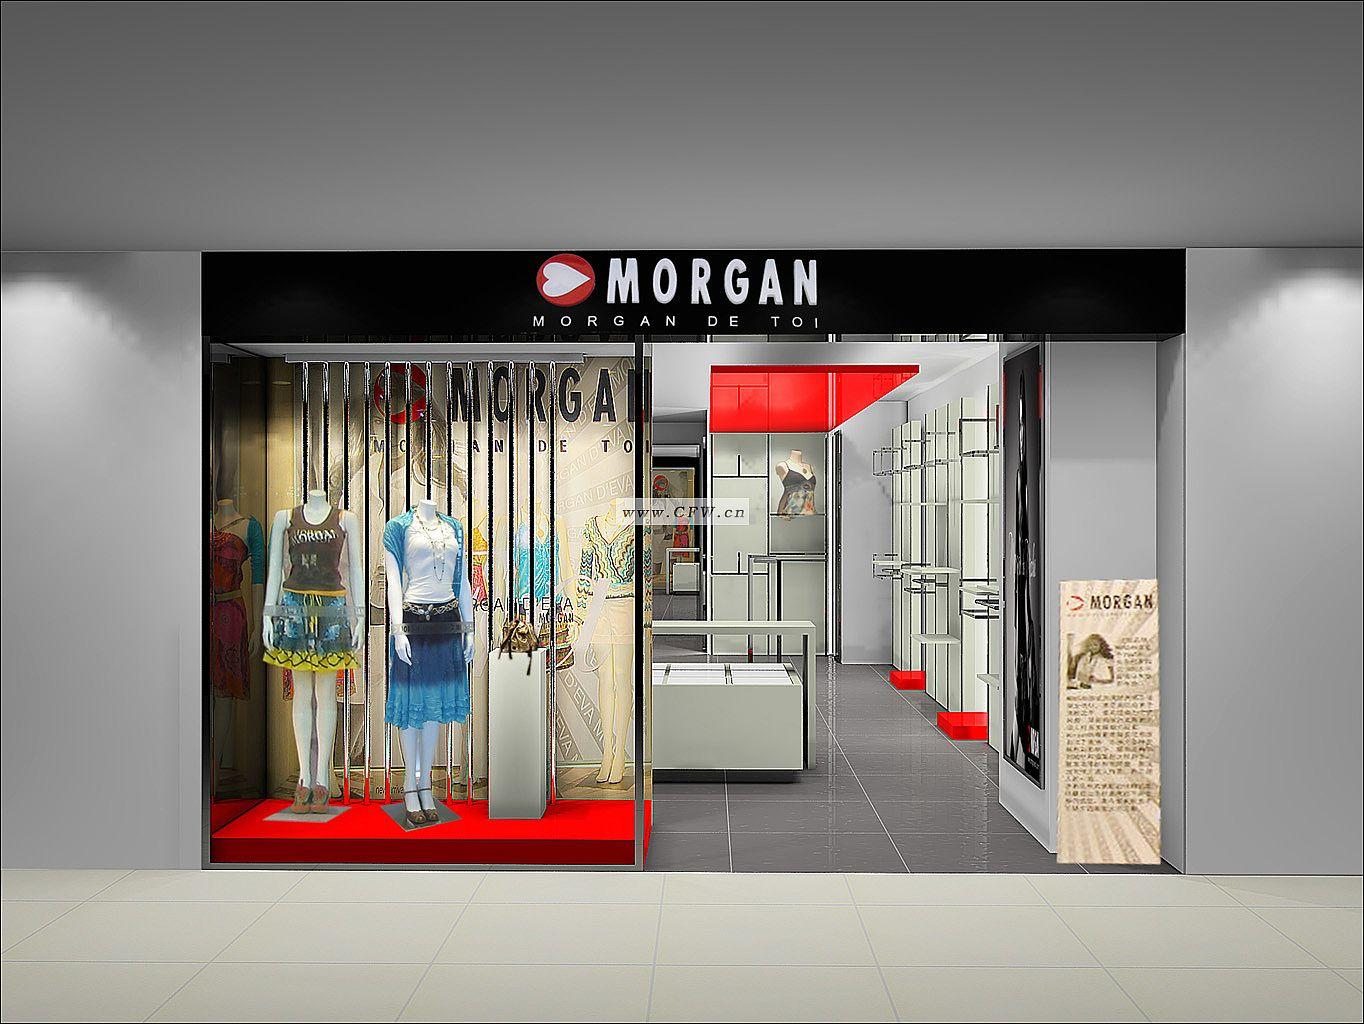 上海梅龙镇MORGAN店